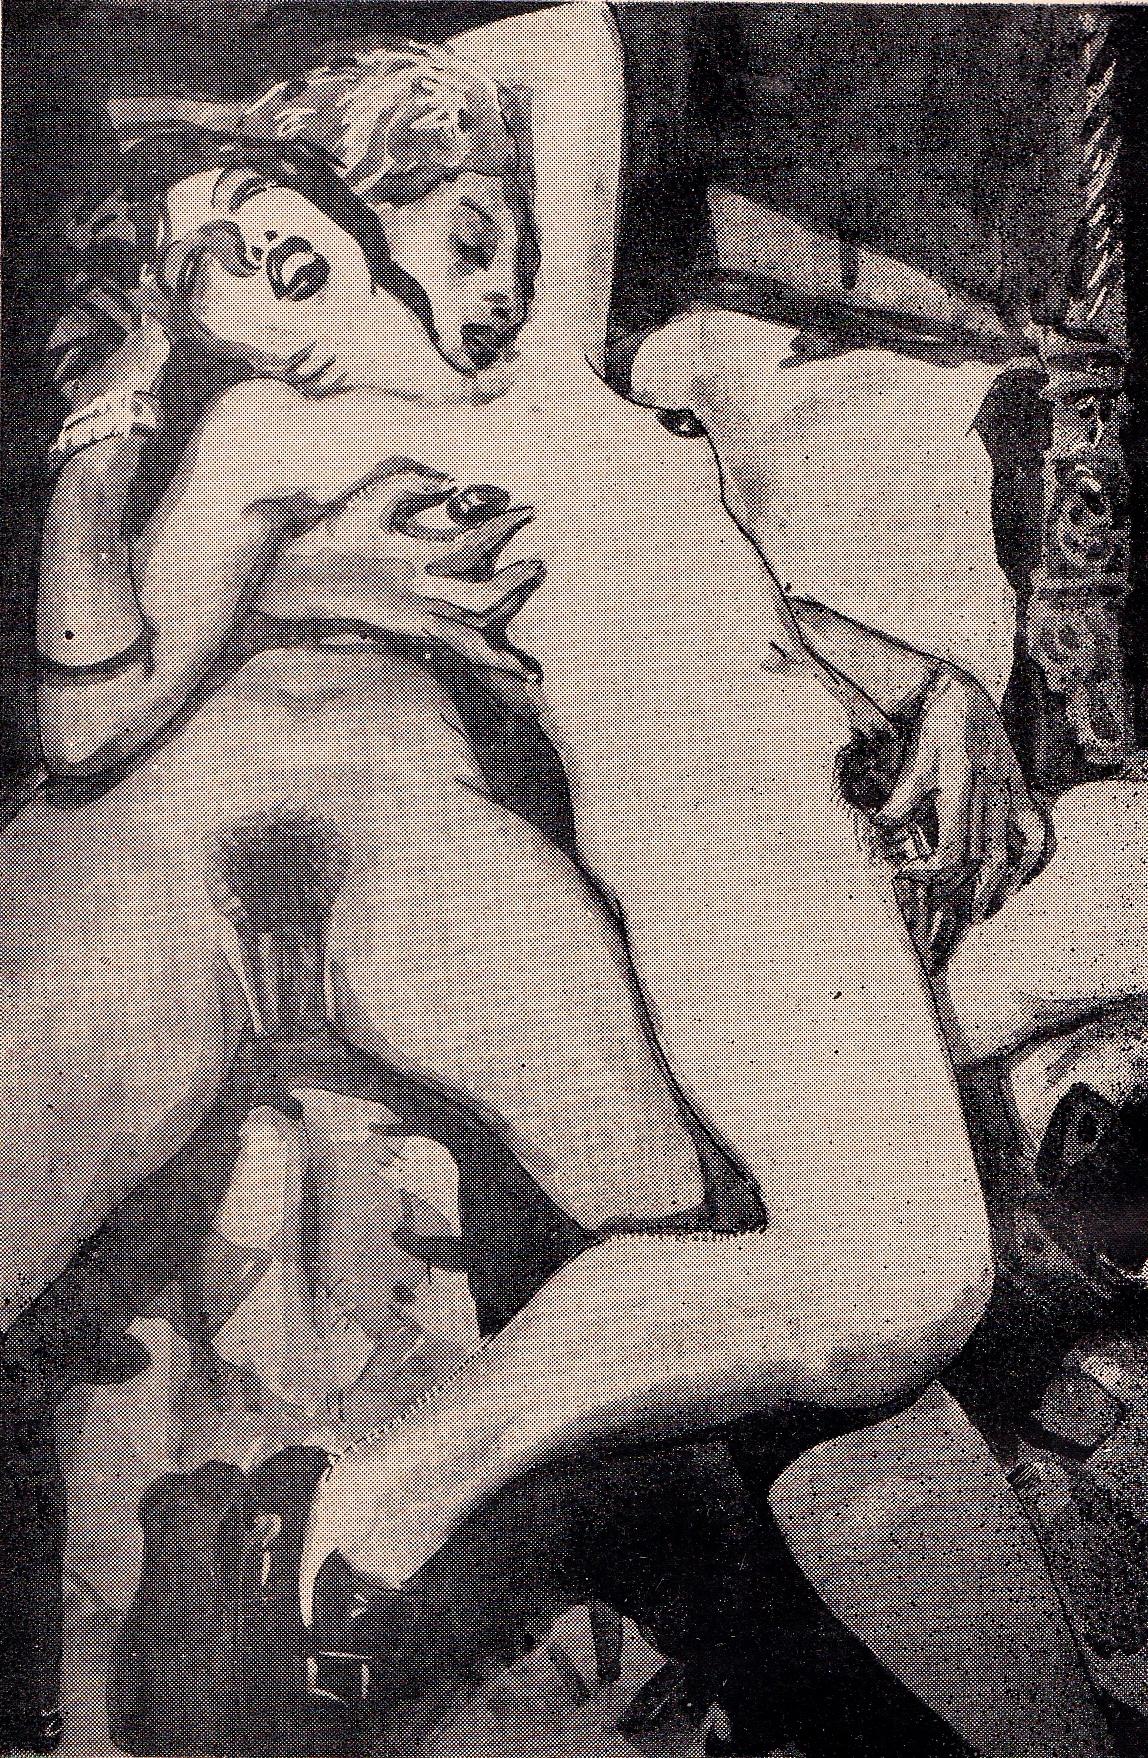 Vintage erotica circa 1930 9 - 1 7